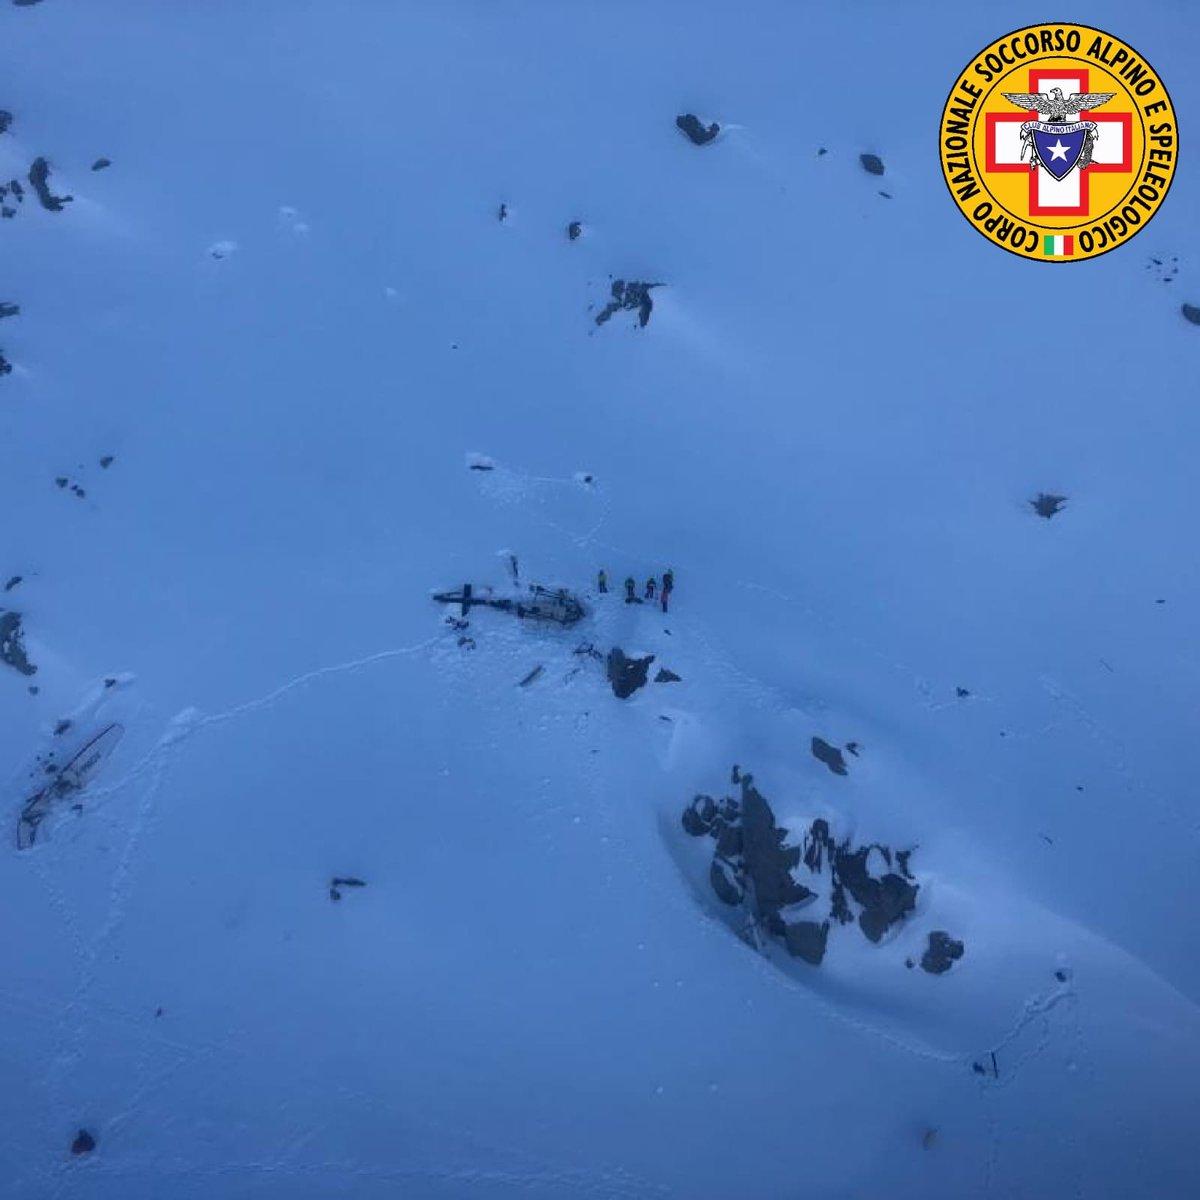 Il Soccorso Nazionale Alpino sul luogo del disastro, fra la neve la carcassa dell'elicottero